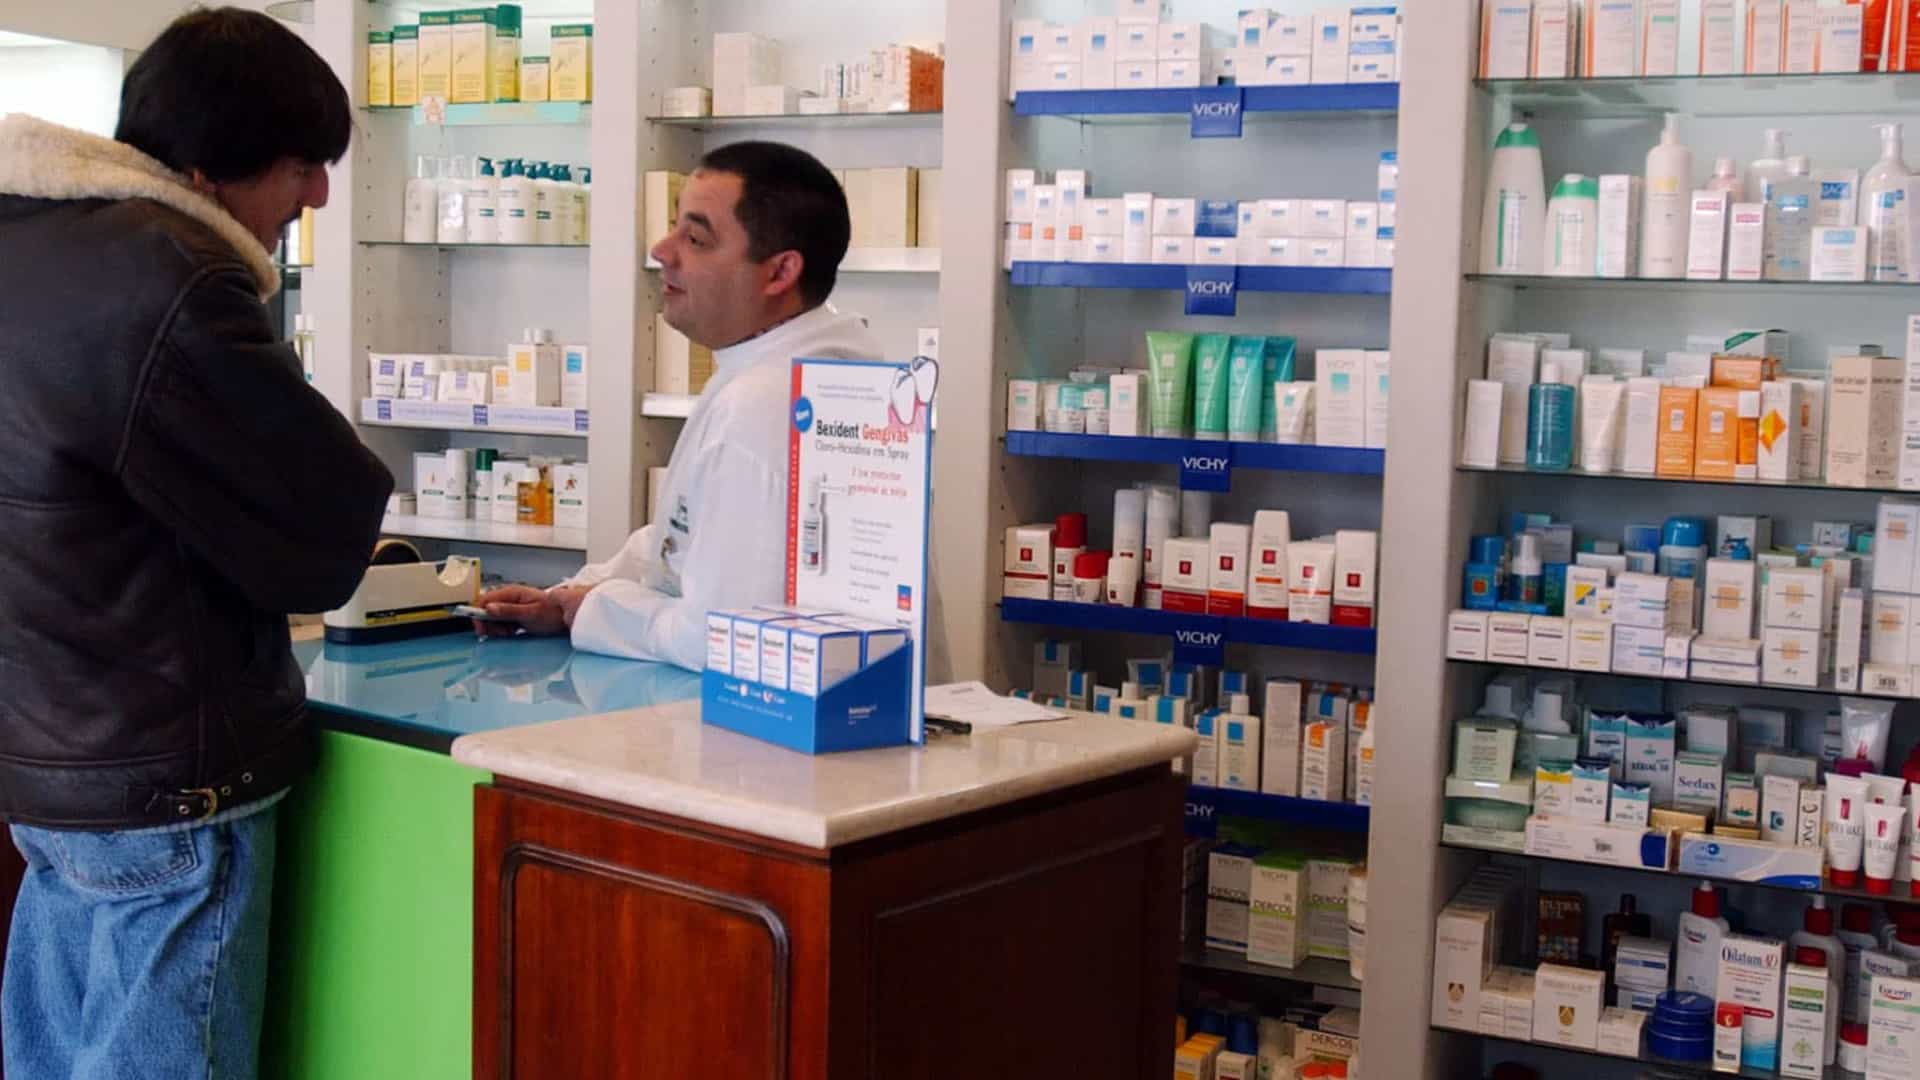 Portugueses compram por dia mais de 16 mil caixas de anti-histamínicos